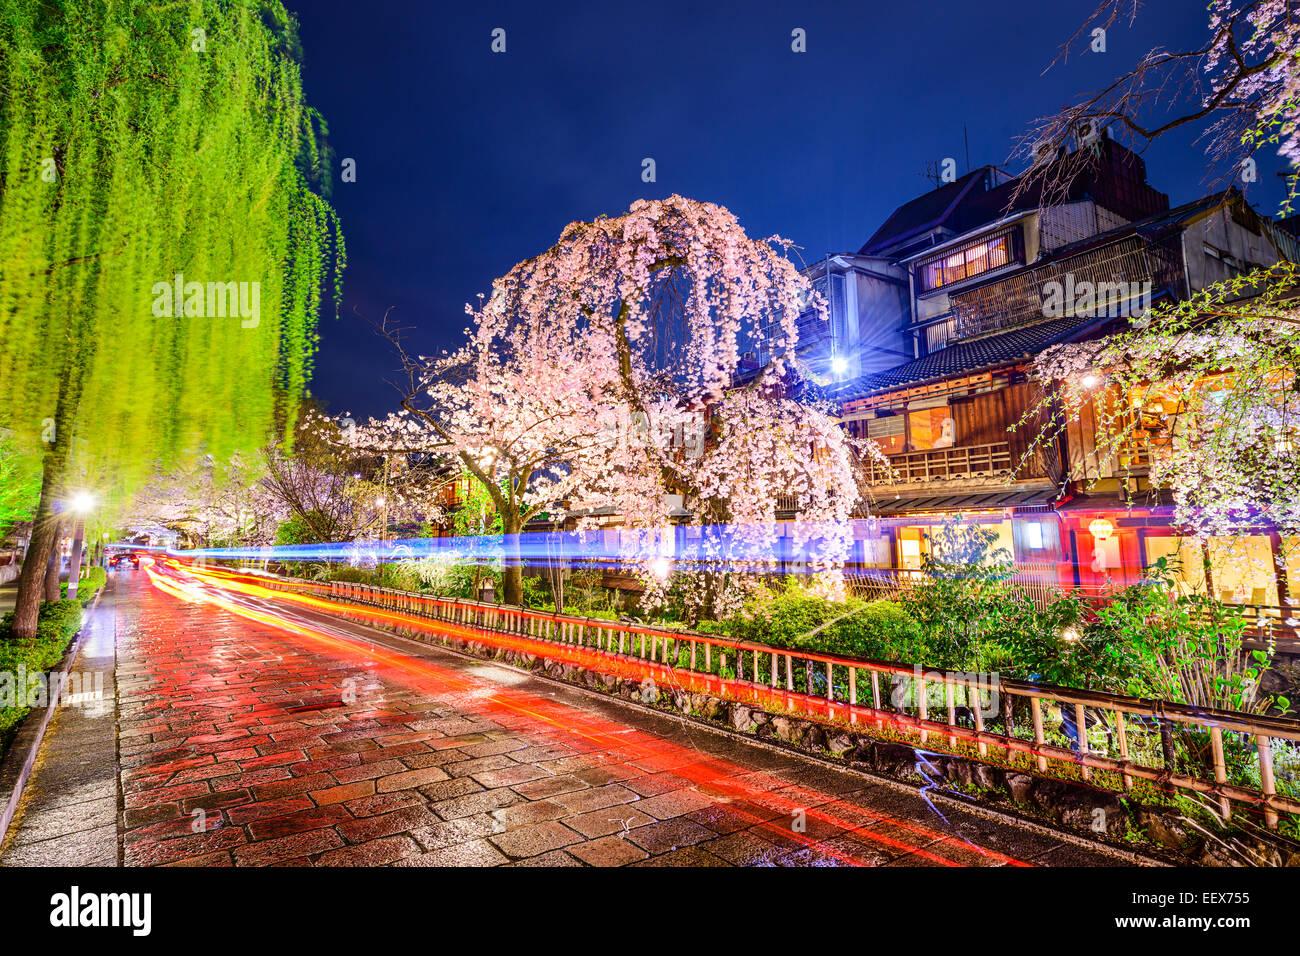 Kyoto, Giappone presso lo storico quartiere di Gion durante la stagione primaverile. Immagini Stock